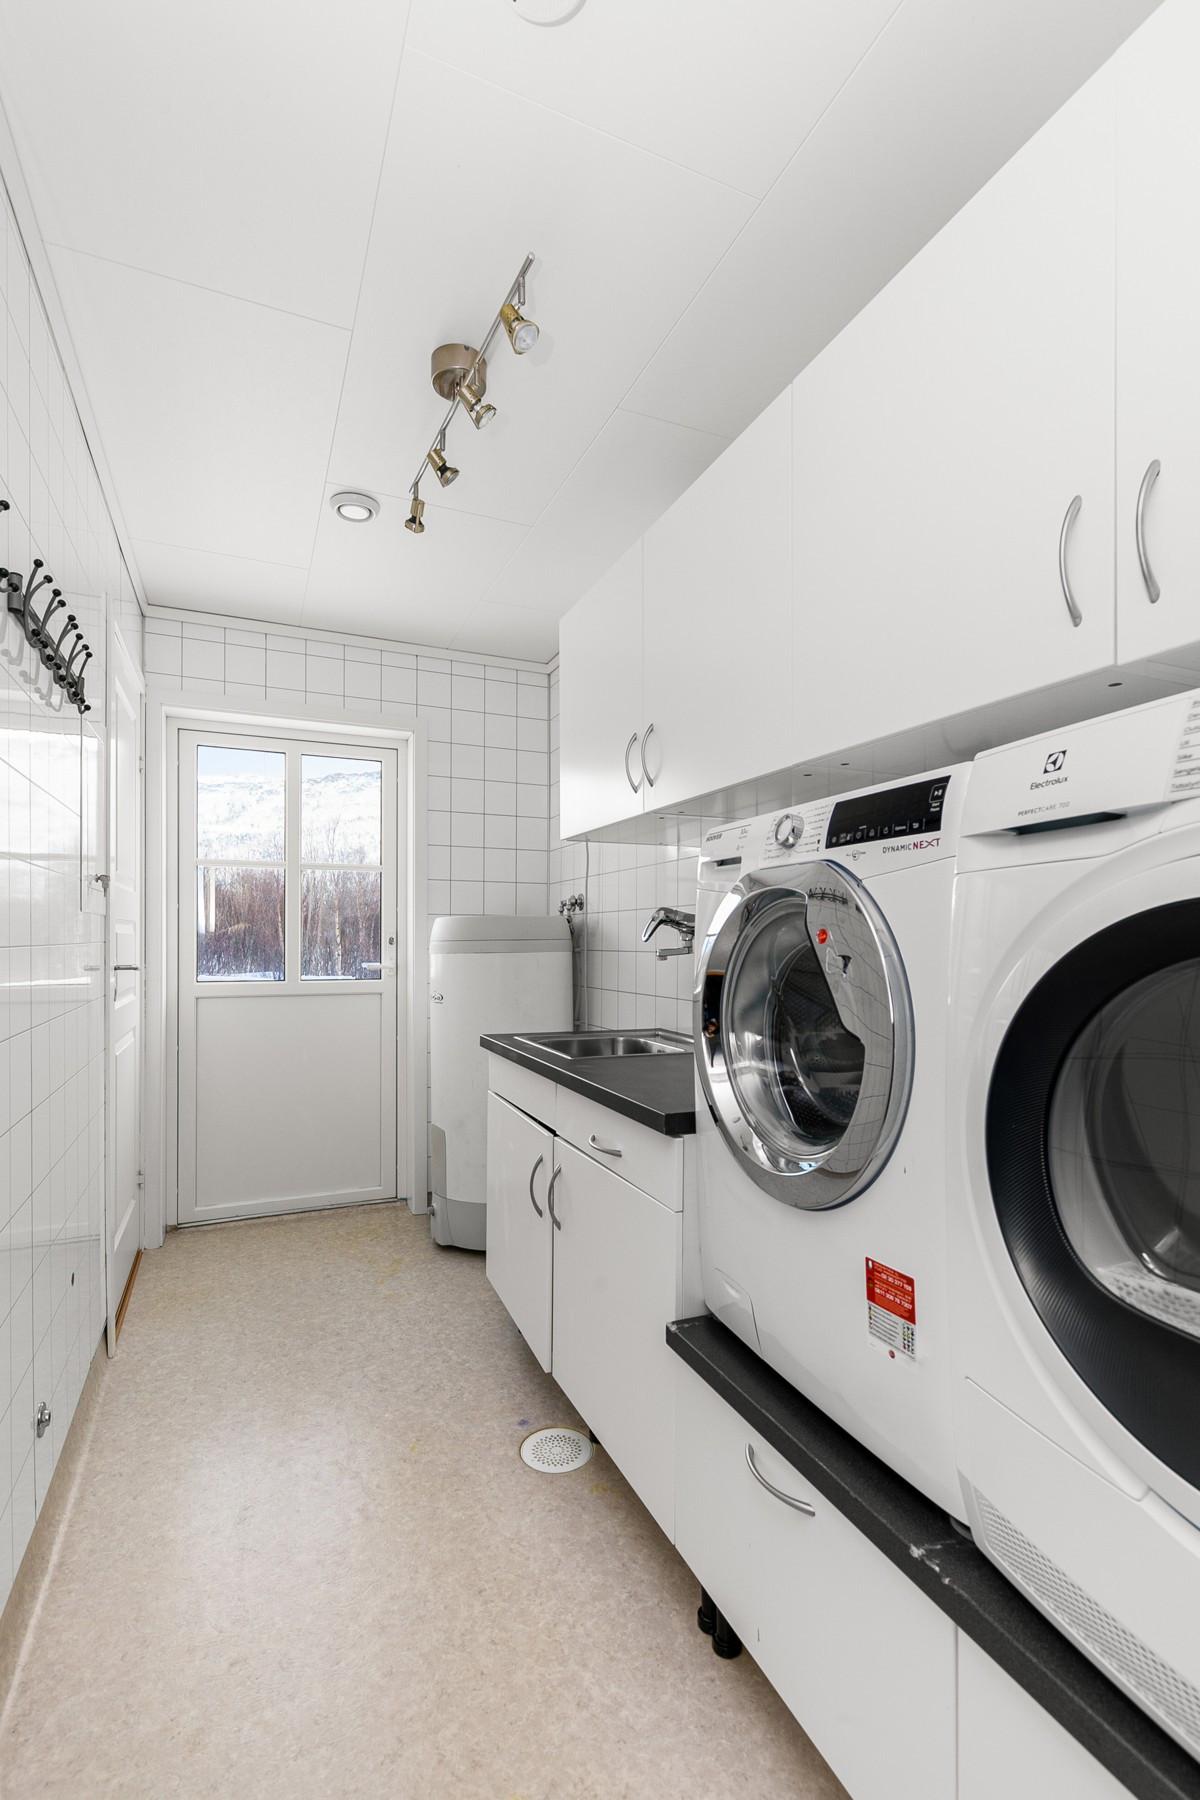 Praktisk vaskerom med egen inngang. Stor innredning med plass til vaskemasking og tørketrommel